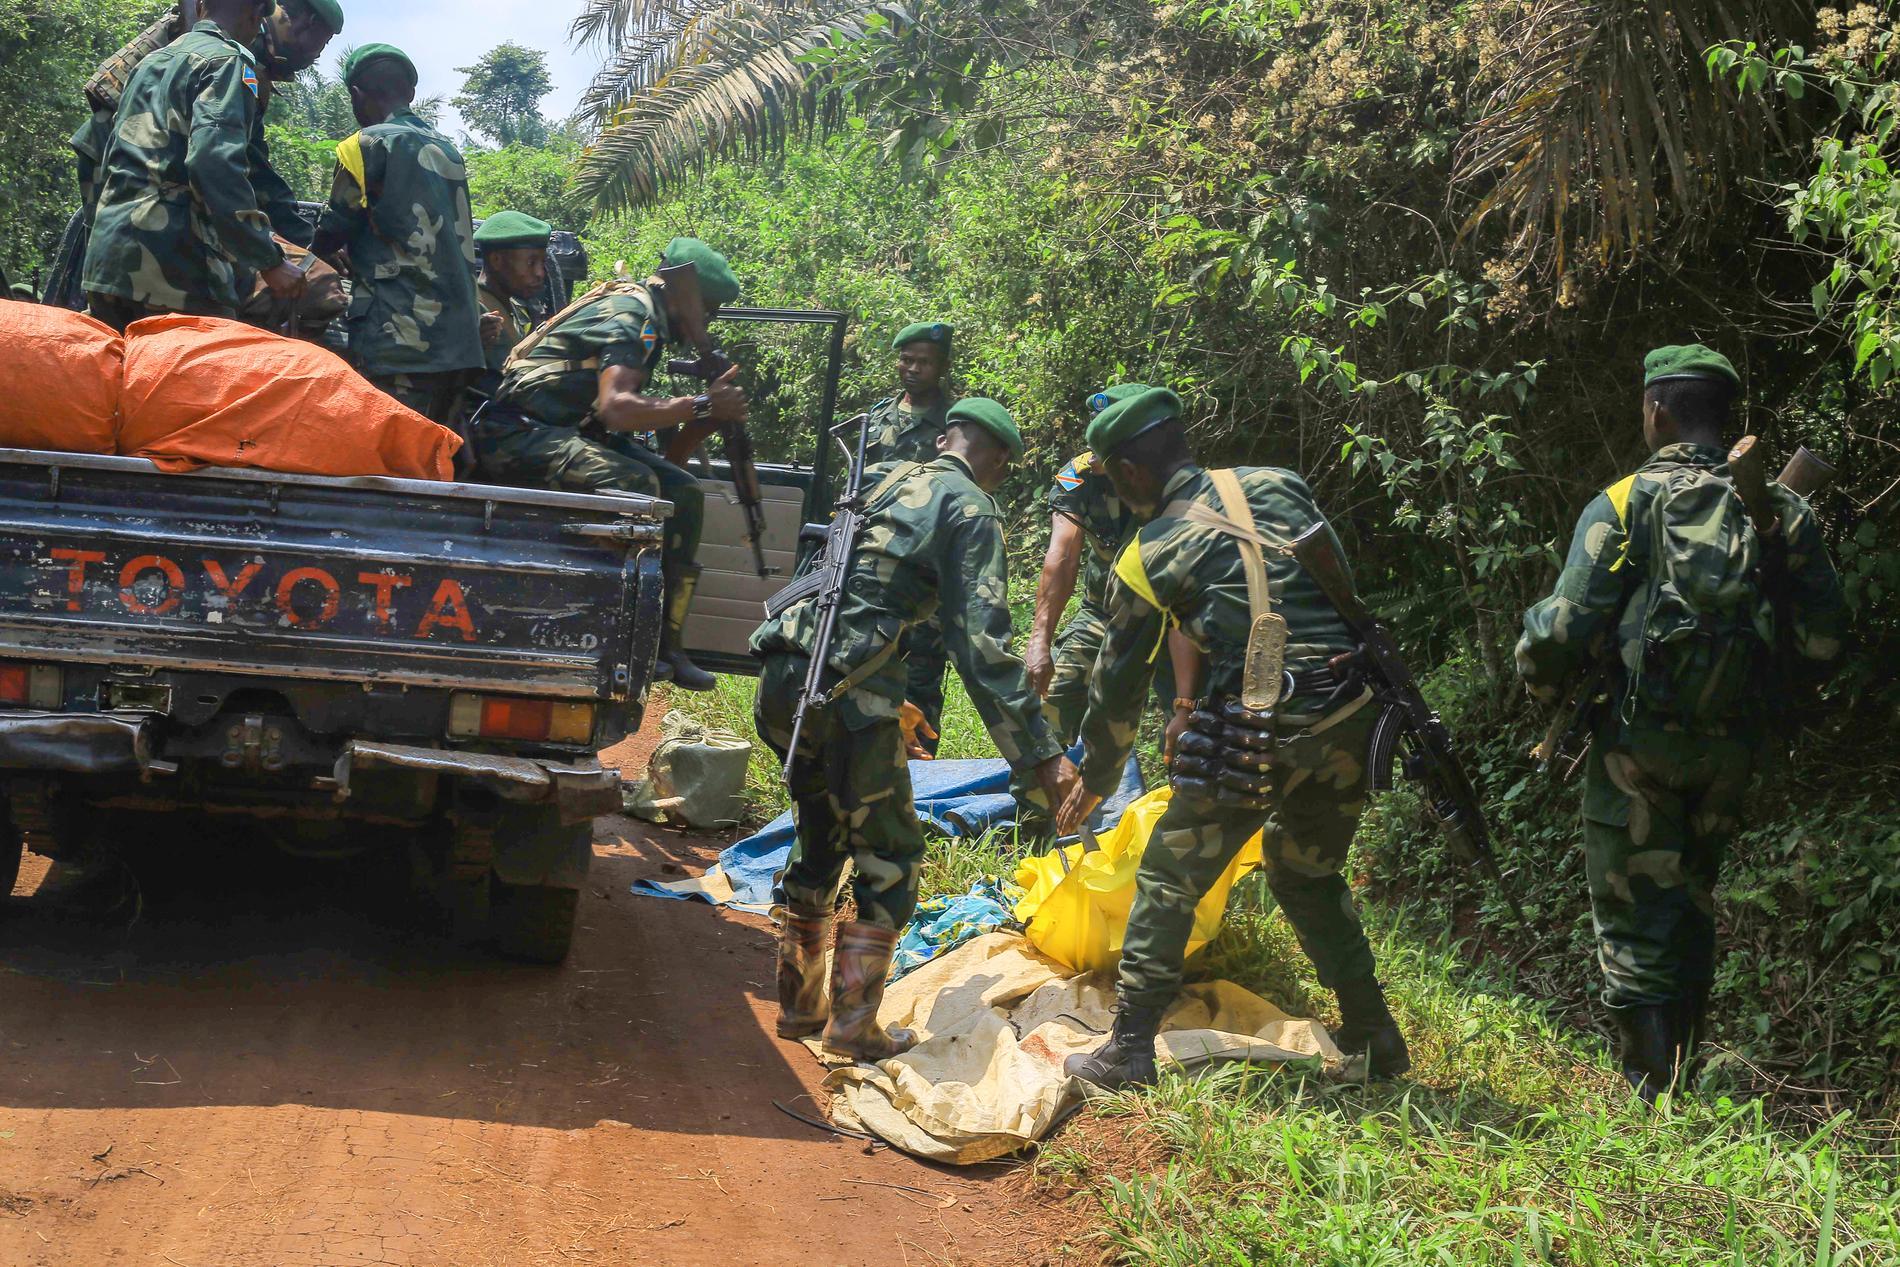 Armén tar hand om lik efter ett angrepp som ADF misstänks för i Oicha i östra Kongo-Kinshasa den 23 juli.